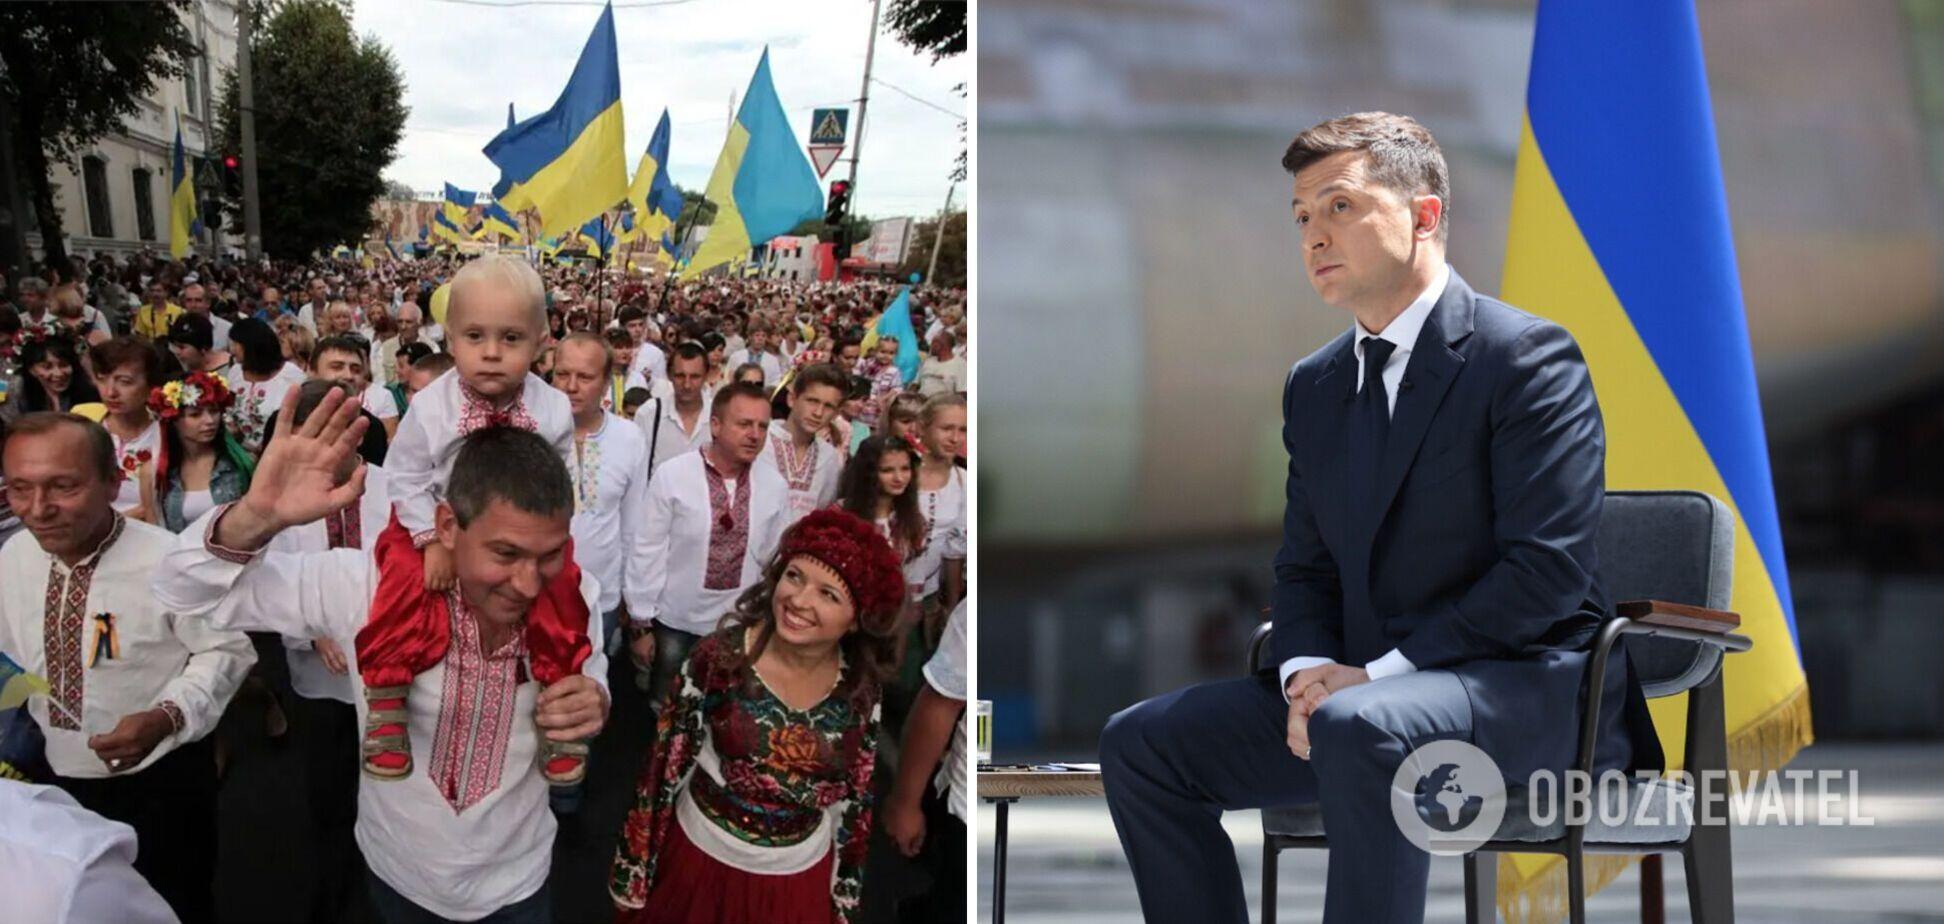 Новини України: Зеленський поговорив із журналістами і як країна відзначила День вишиванки